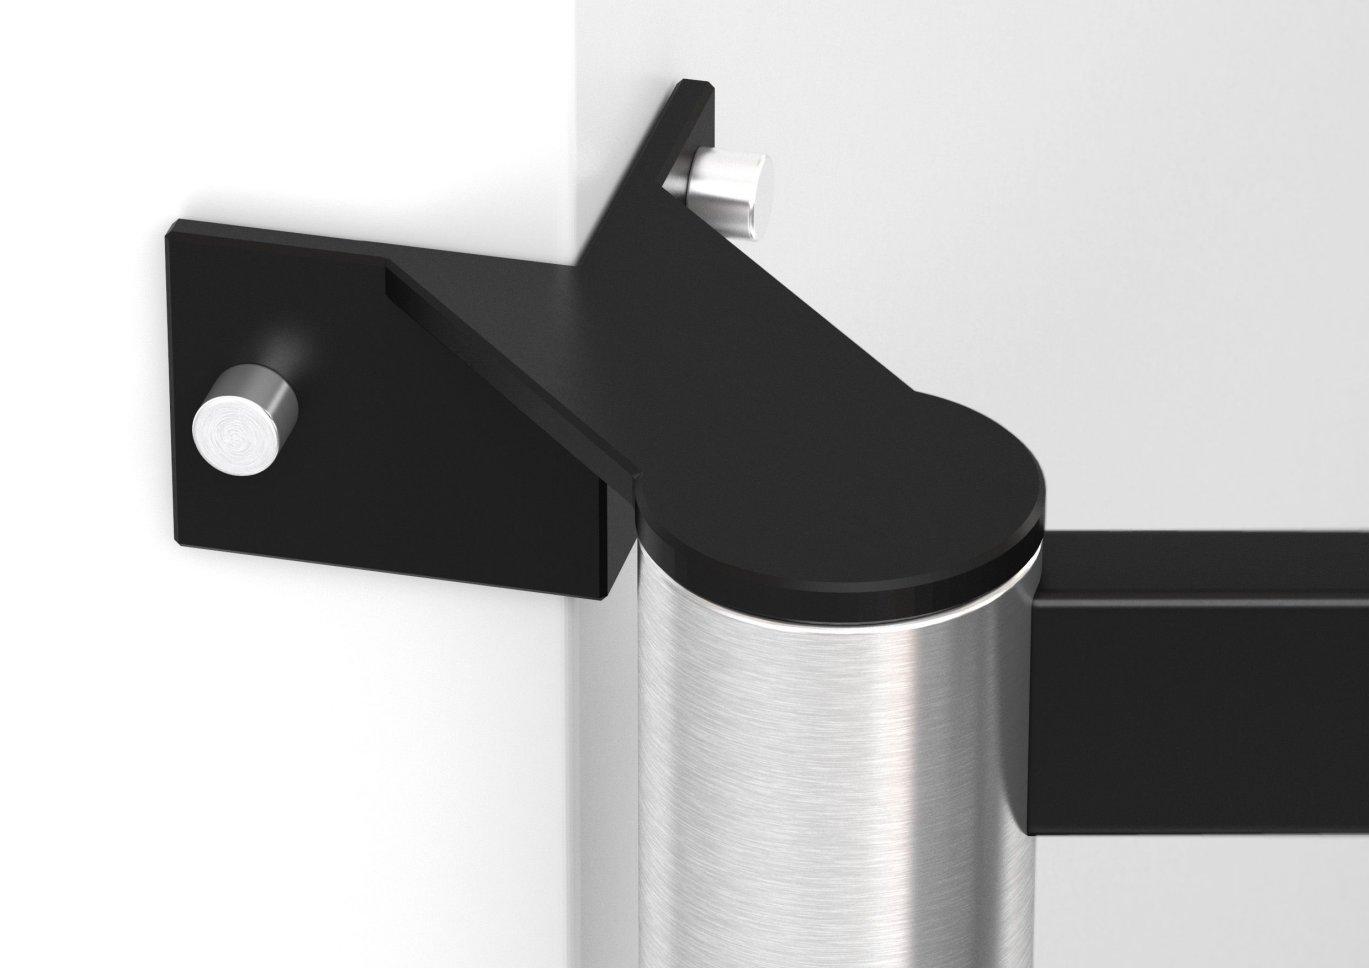 frei schwenkbare tv wandhalterung bis 85 zoll ber eck montage. Black Bedroom Furniture Sets. Home Design Ideas